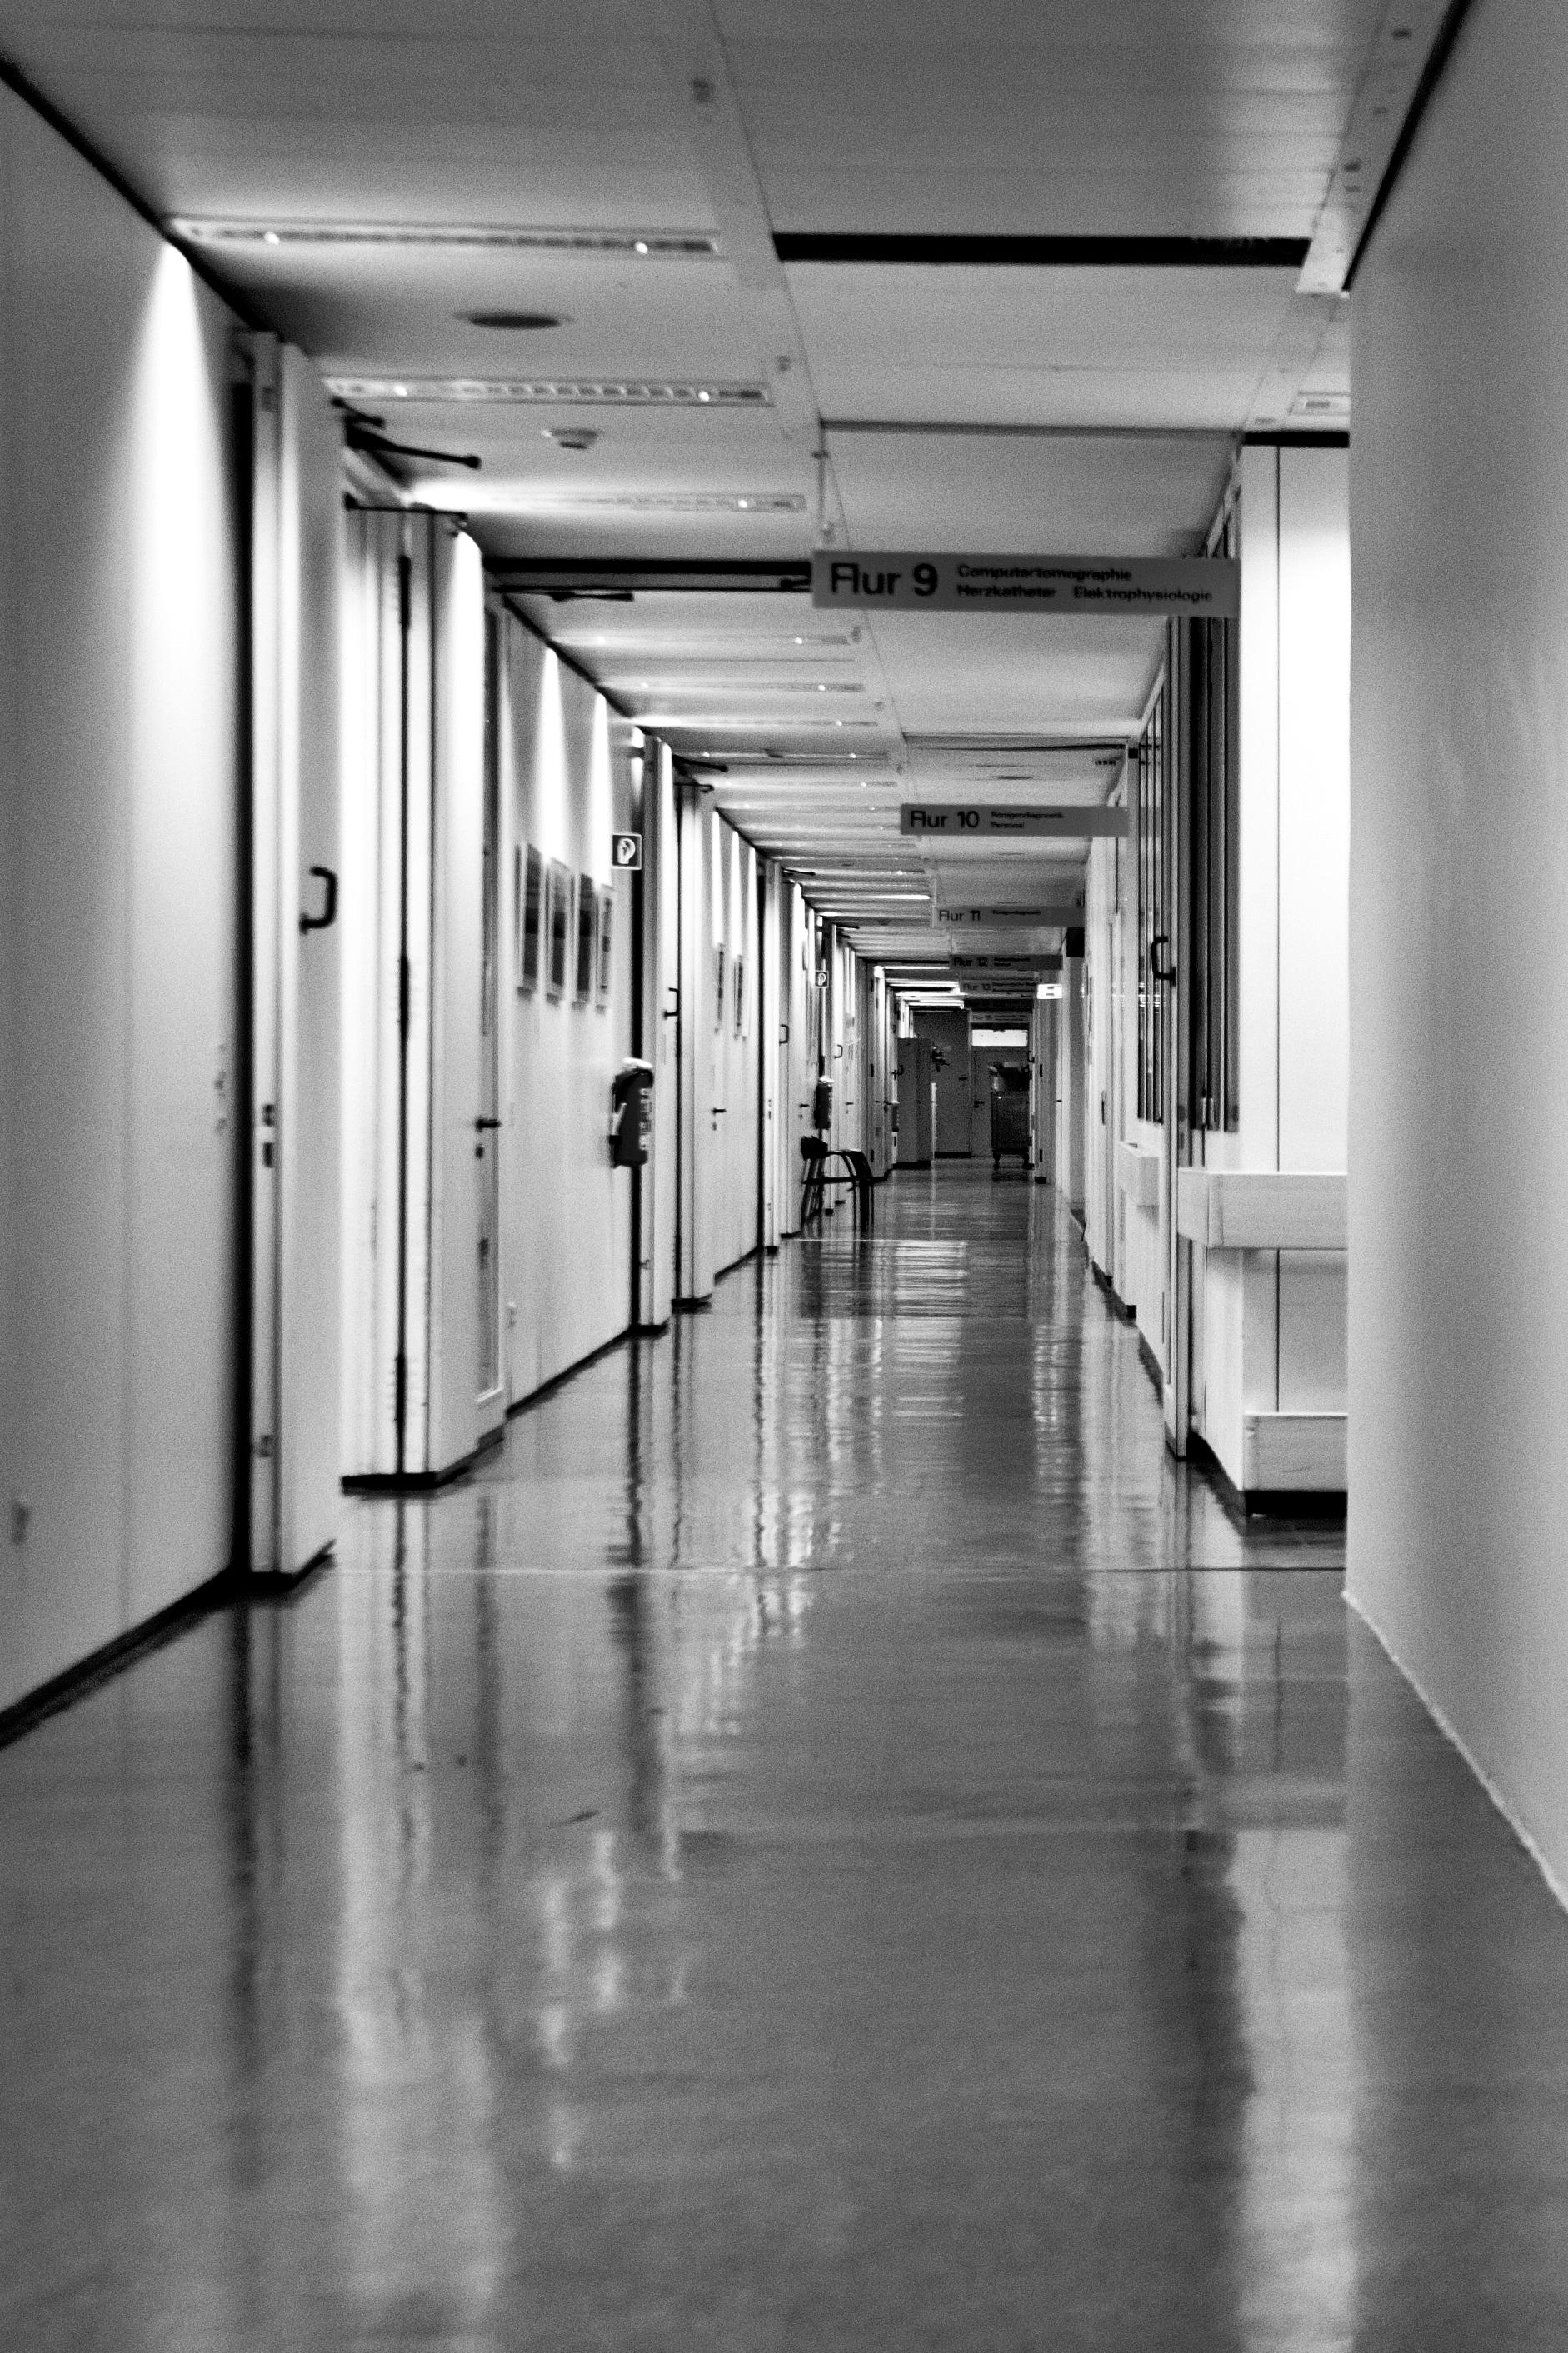 410 Koleksi Gambar Rumah Sakit Hitam Putih HD Terbaru